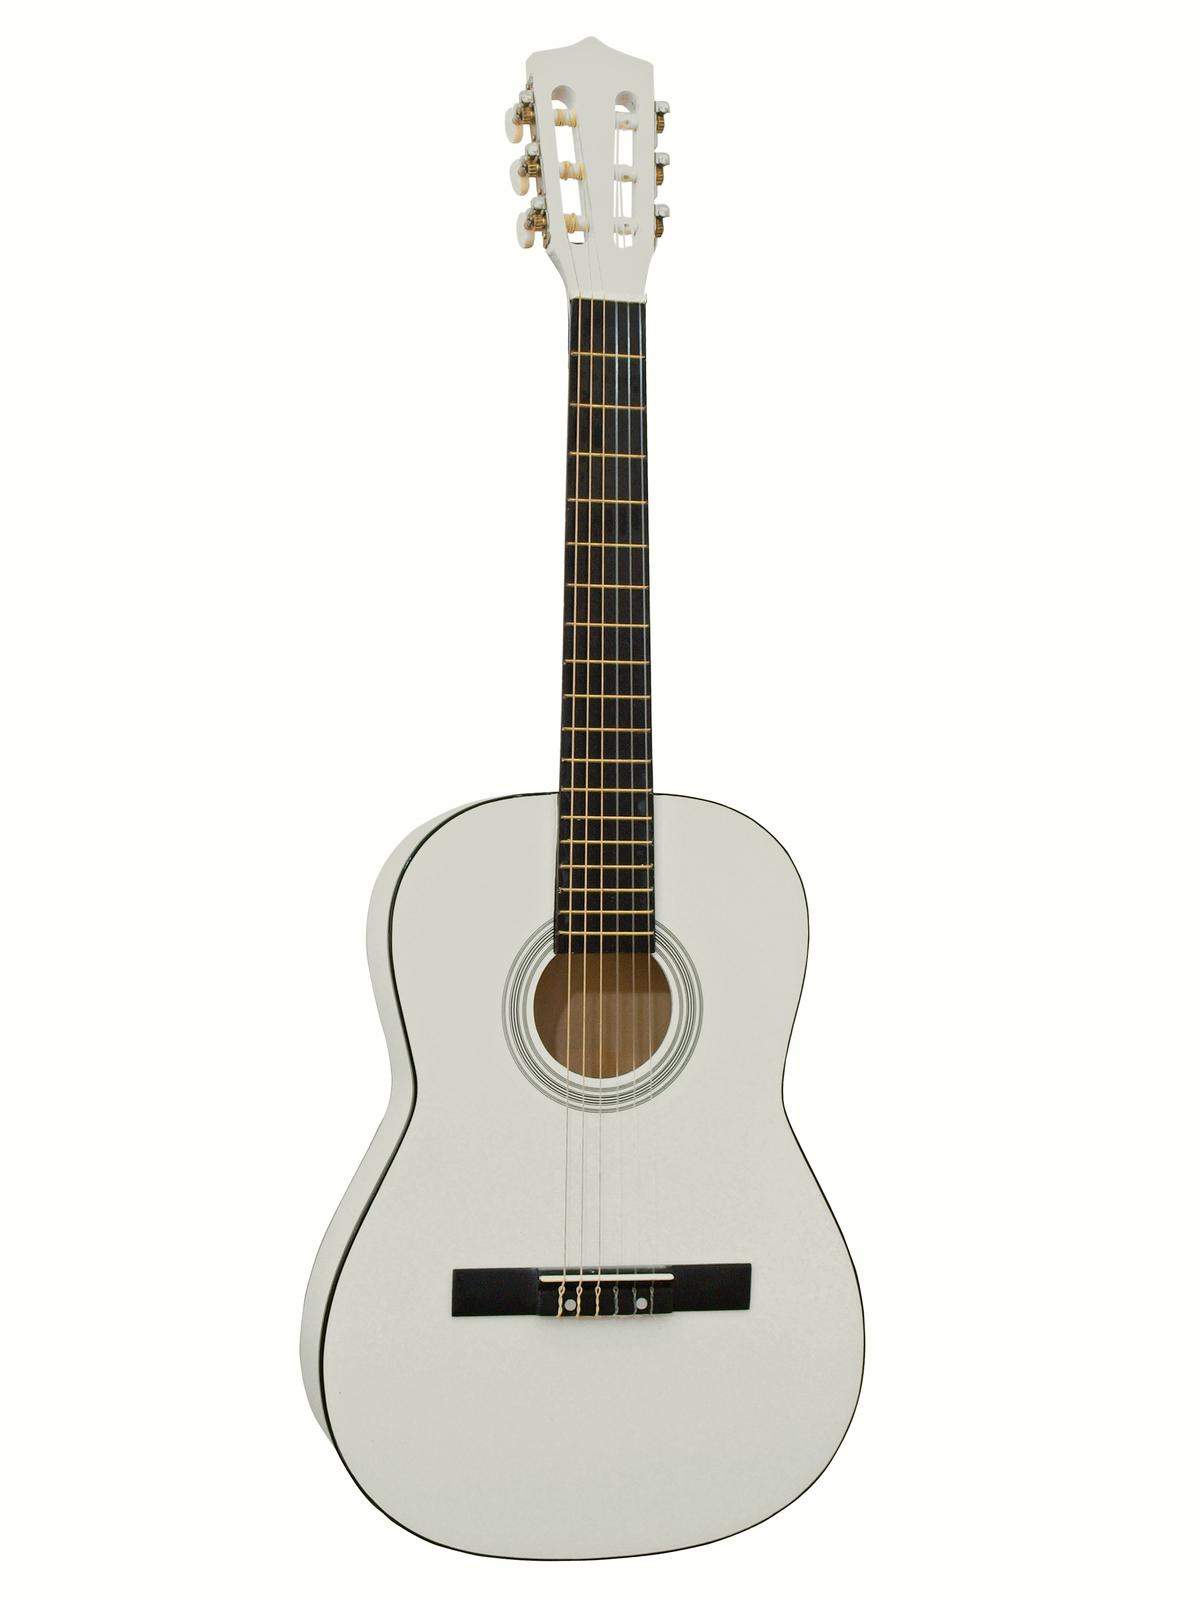 Fotografie Dimavery AC-300 klasická kytara 3/4, bílá